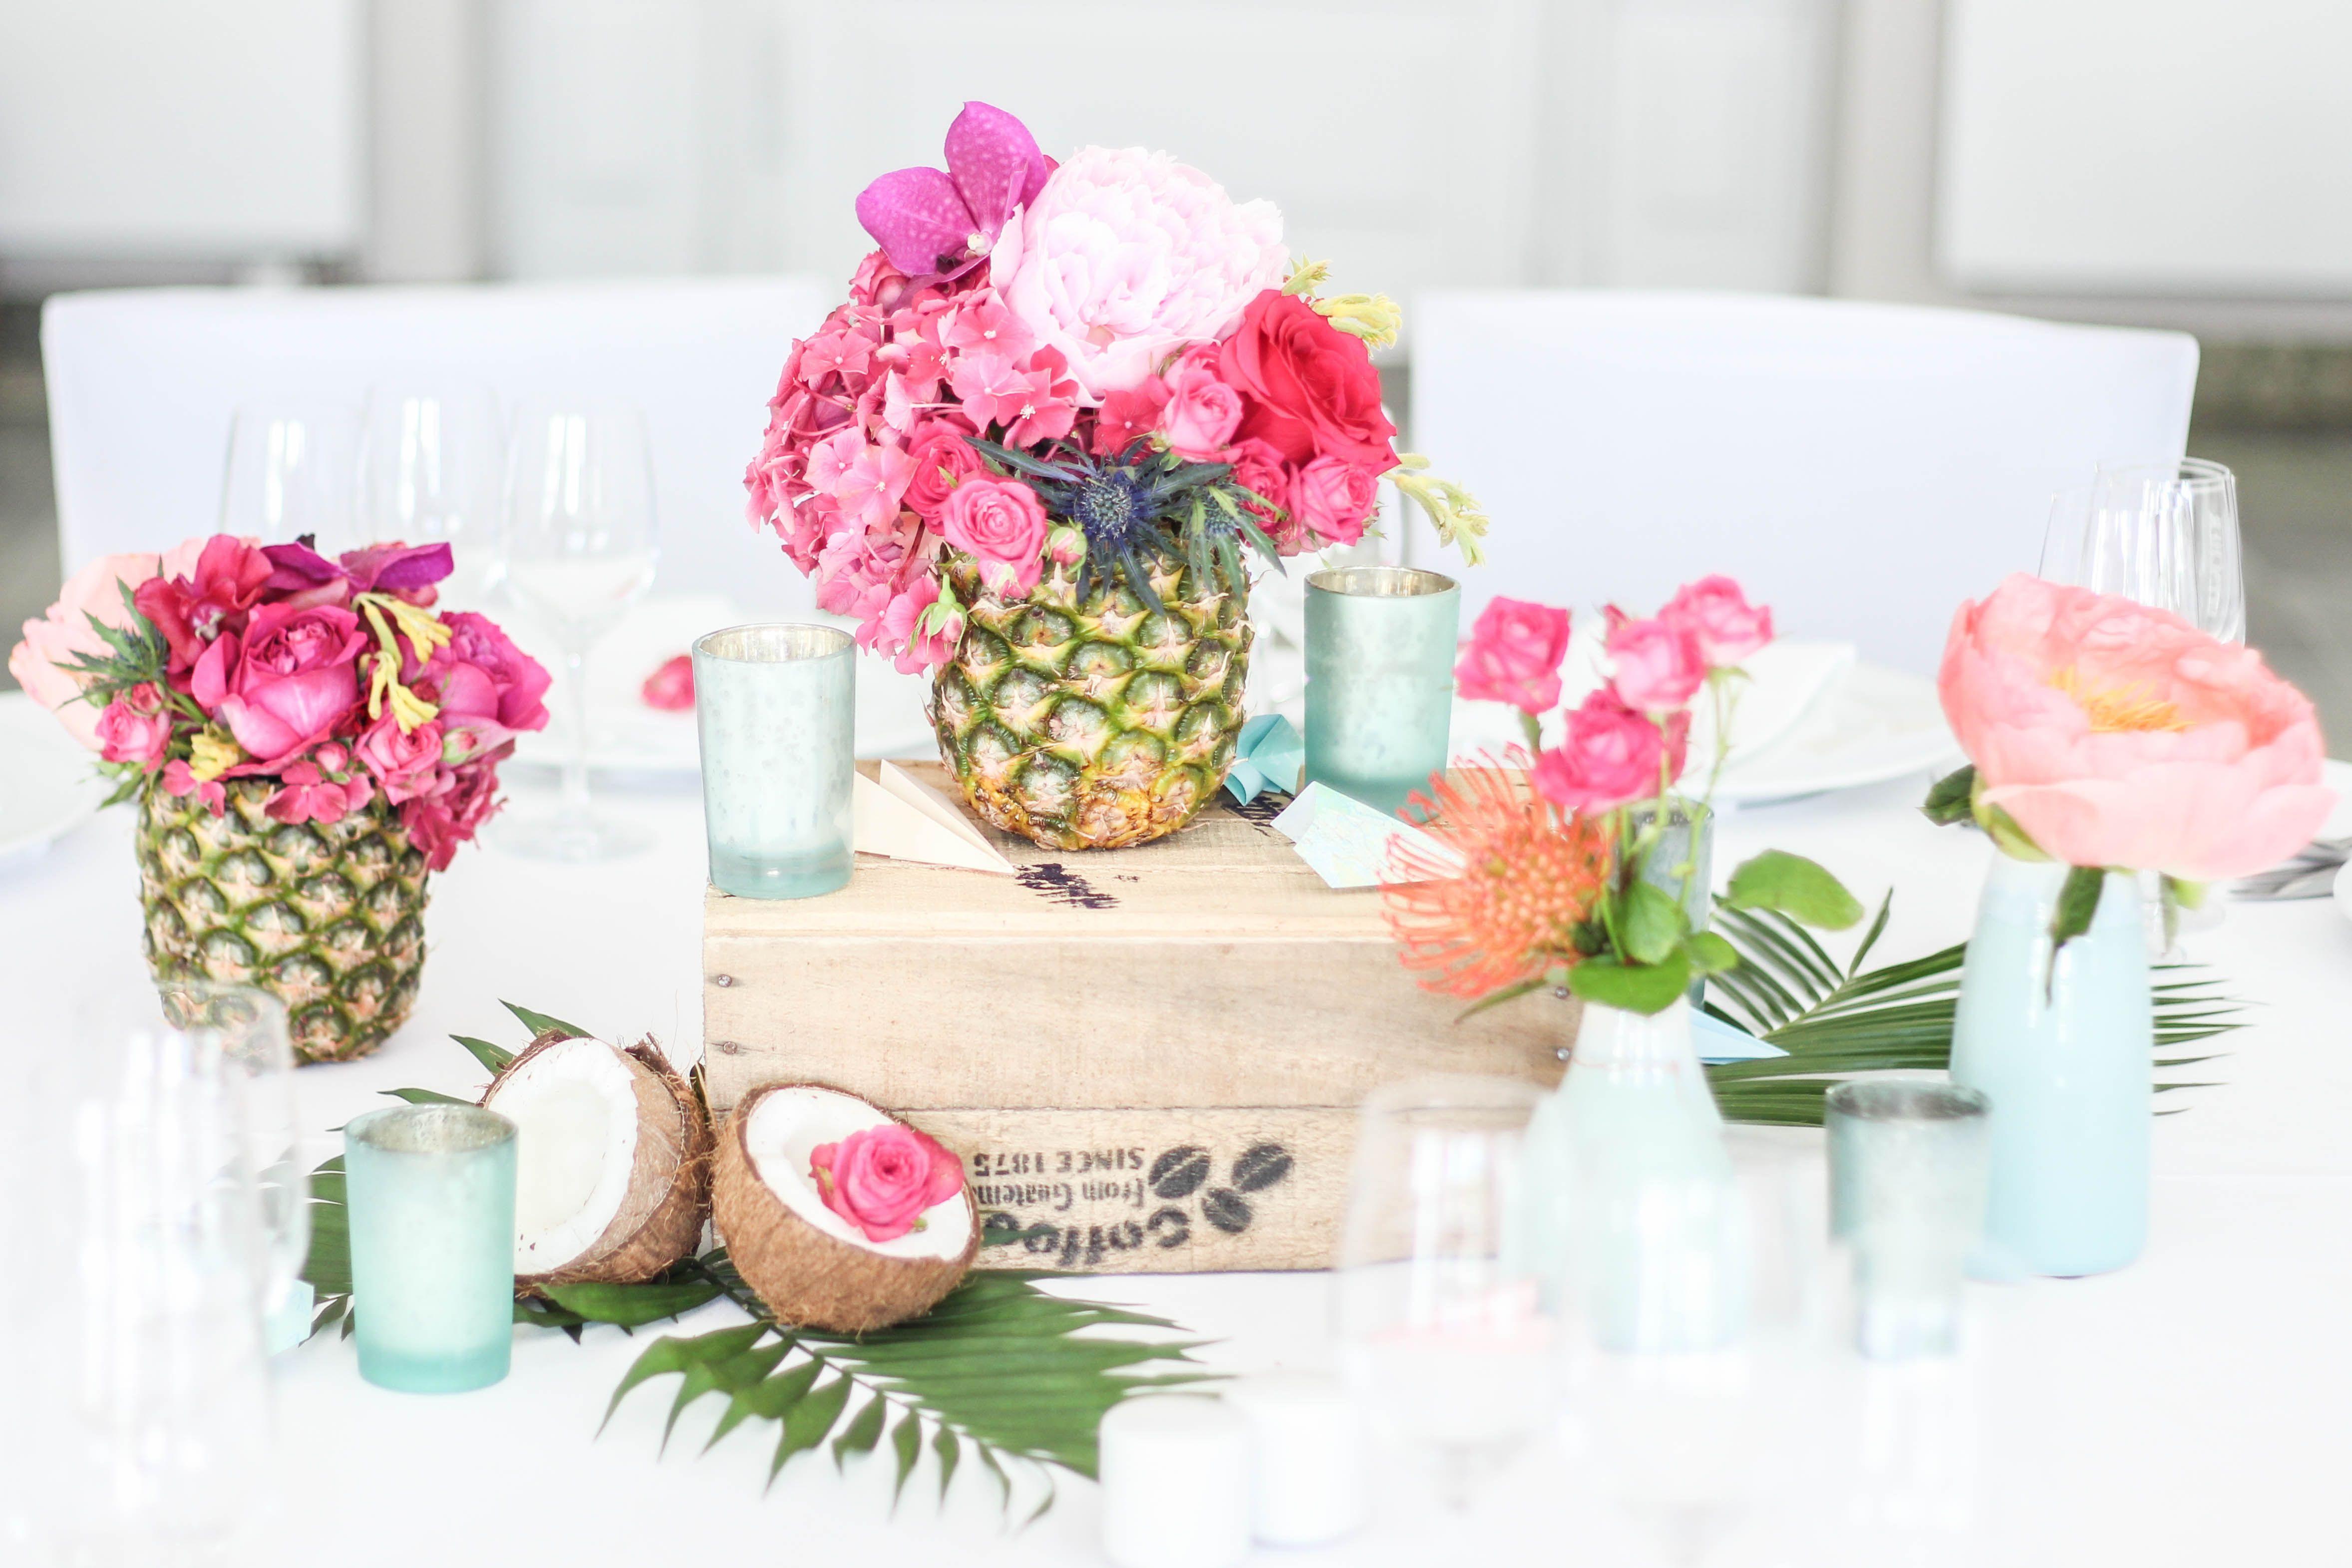 Voll Im Tropen Trend Exotisch Flippige Hochzeitsdekoration In